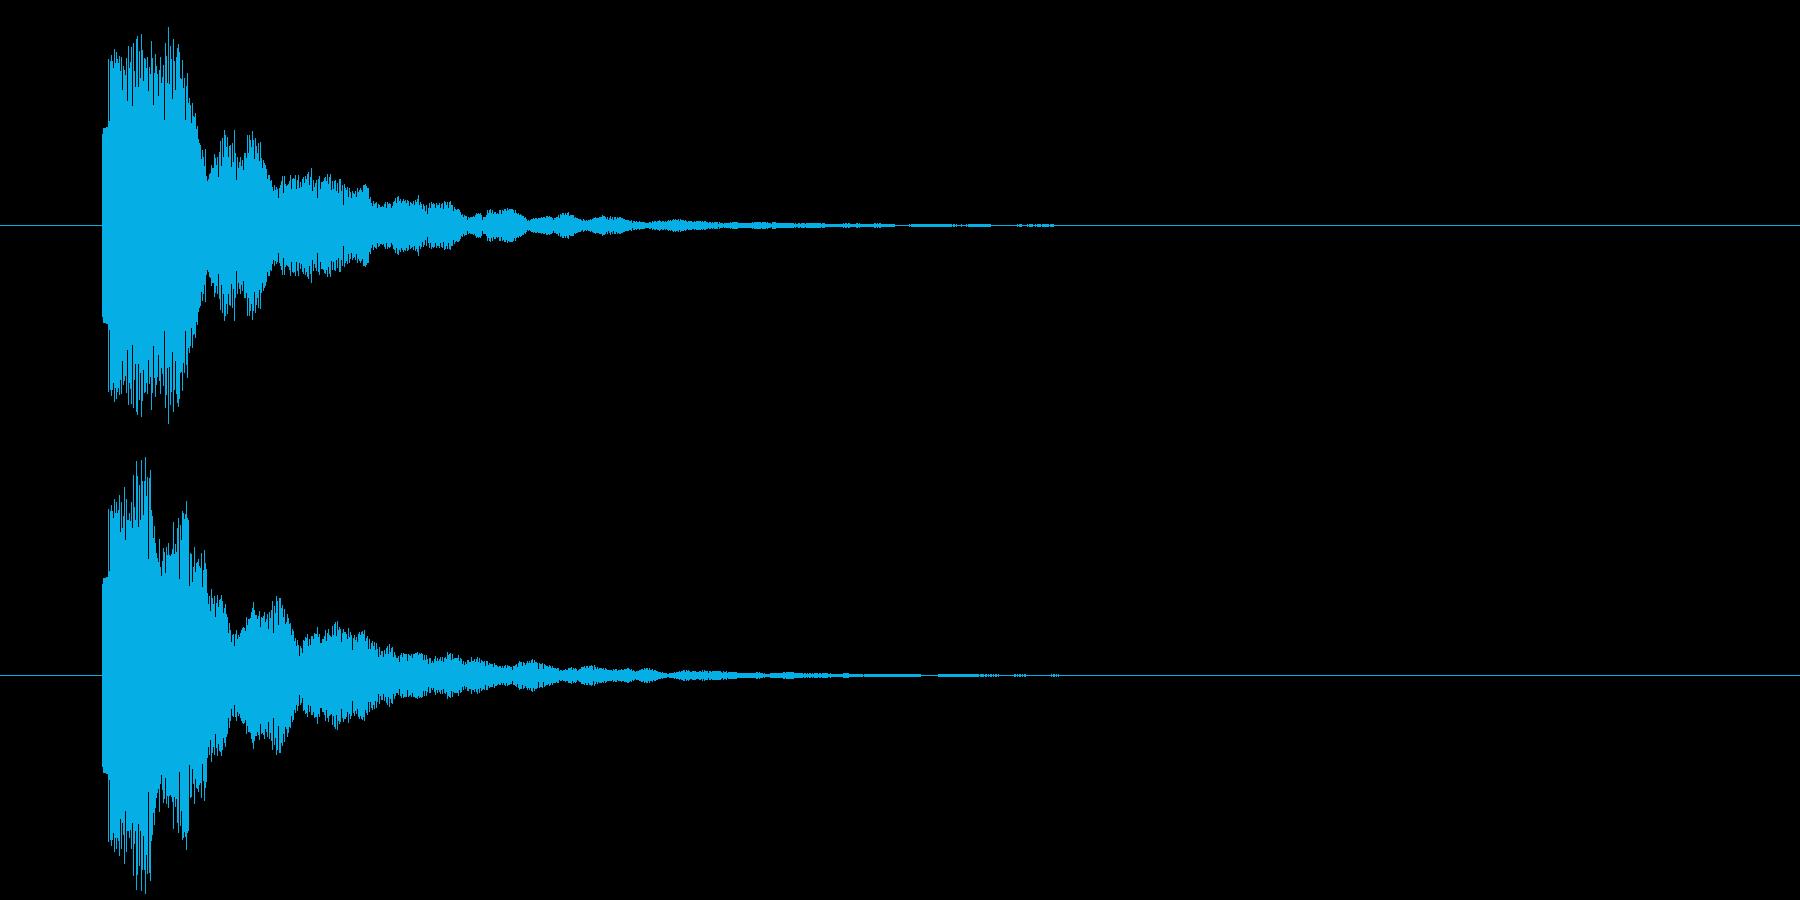 ピッ/ティン 短め ボタン 明るすぎないの再生済みの波形